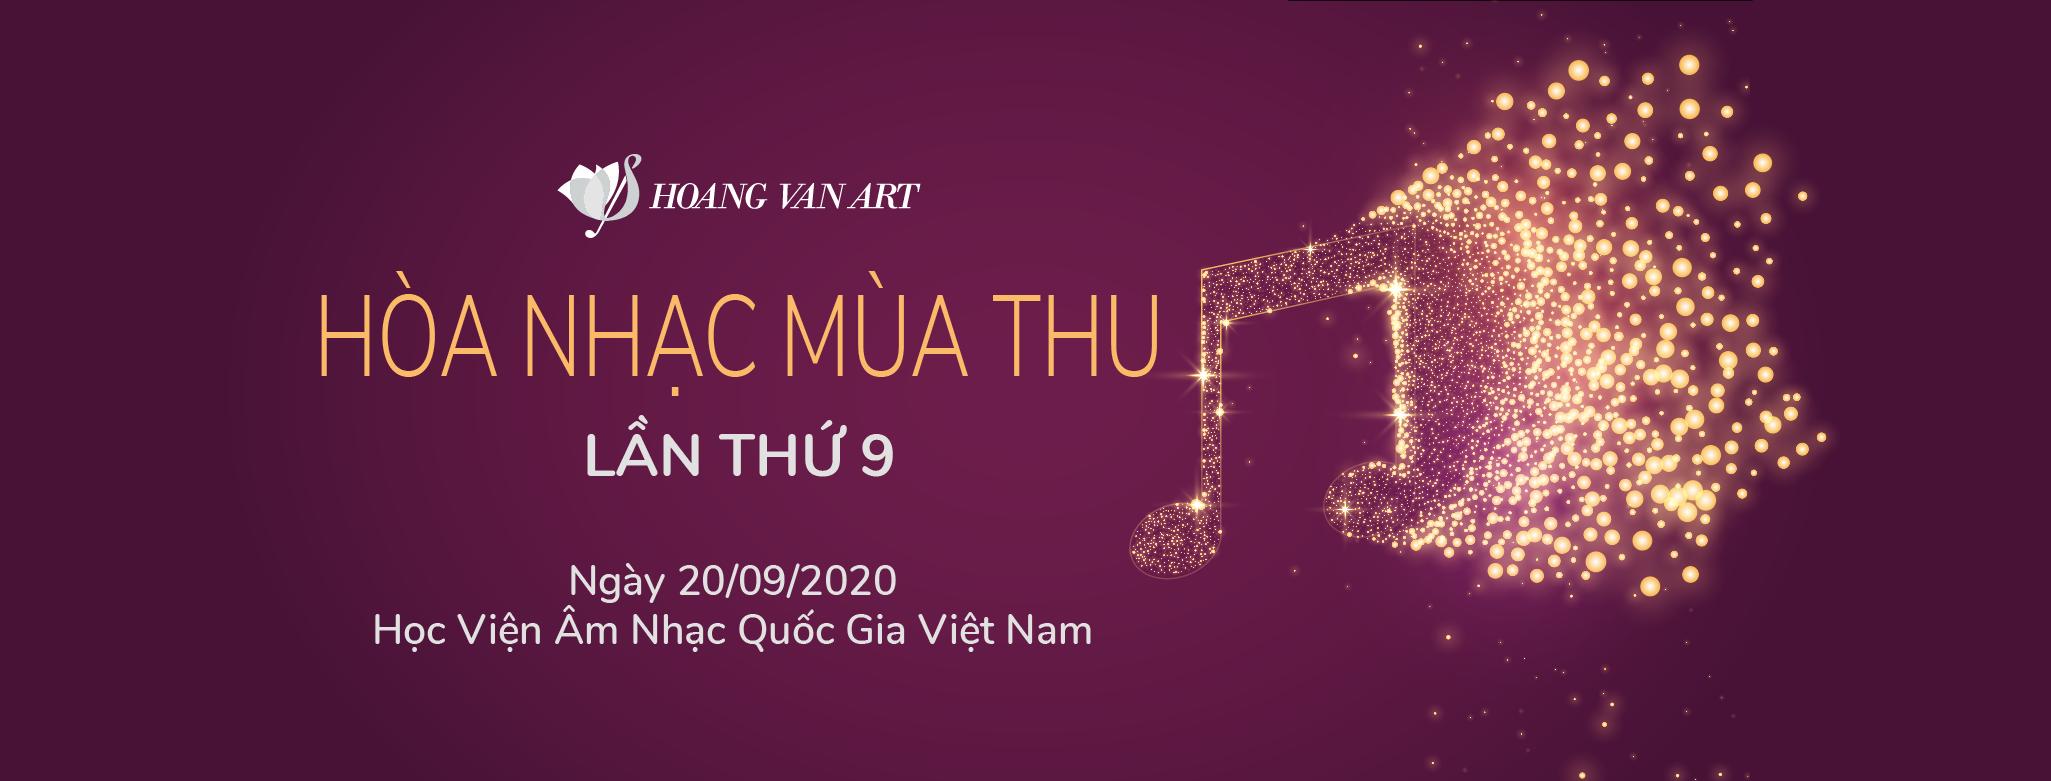 Hòa Nhạc Mùa Thu 2020 - Lần thứ 9 của Hoang Van Art